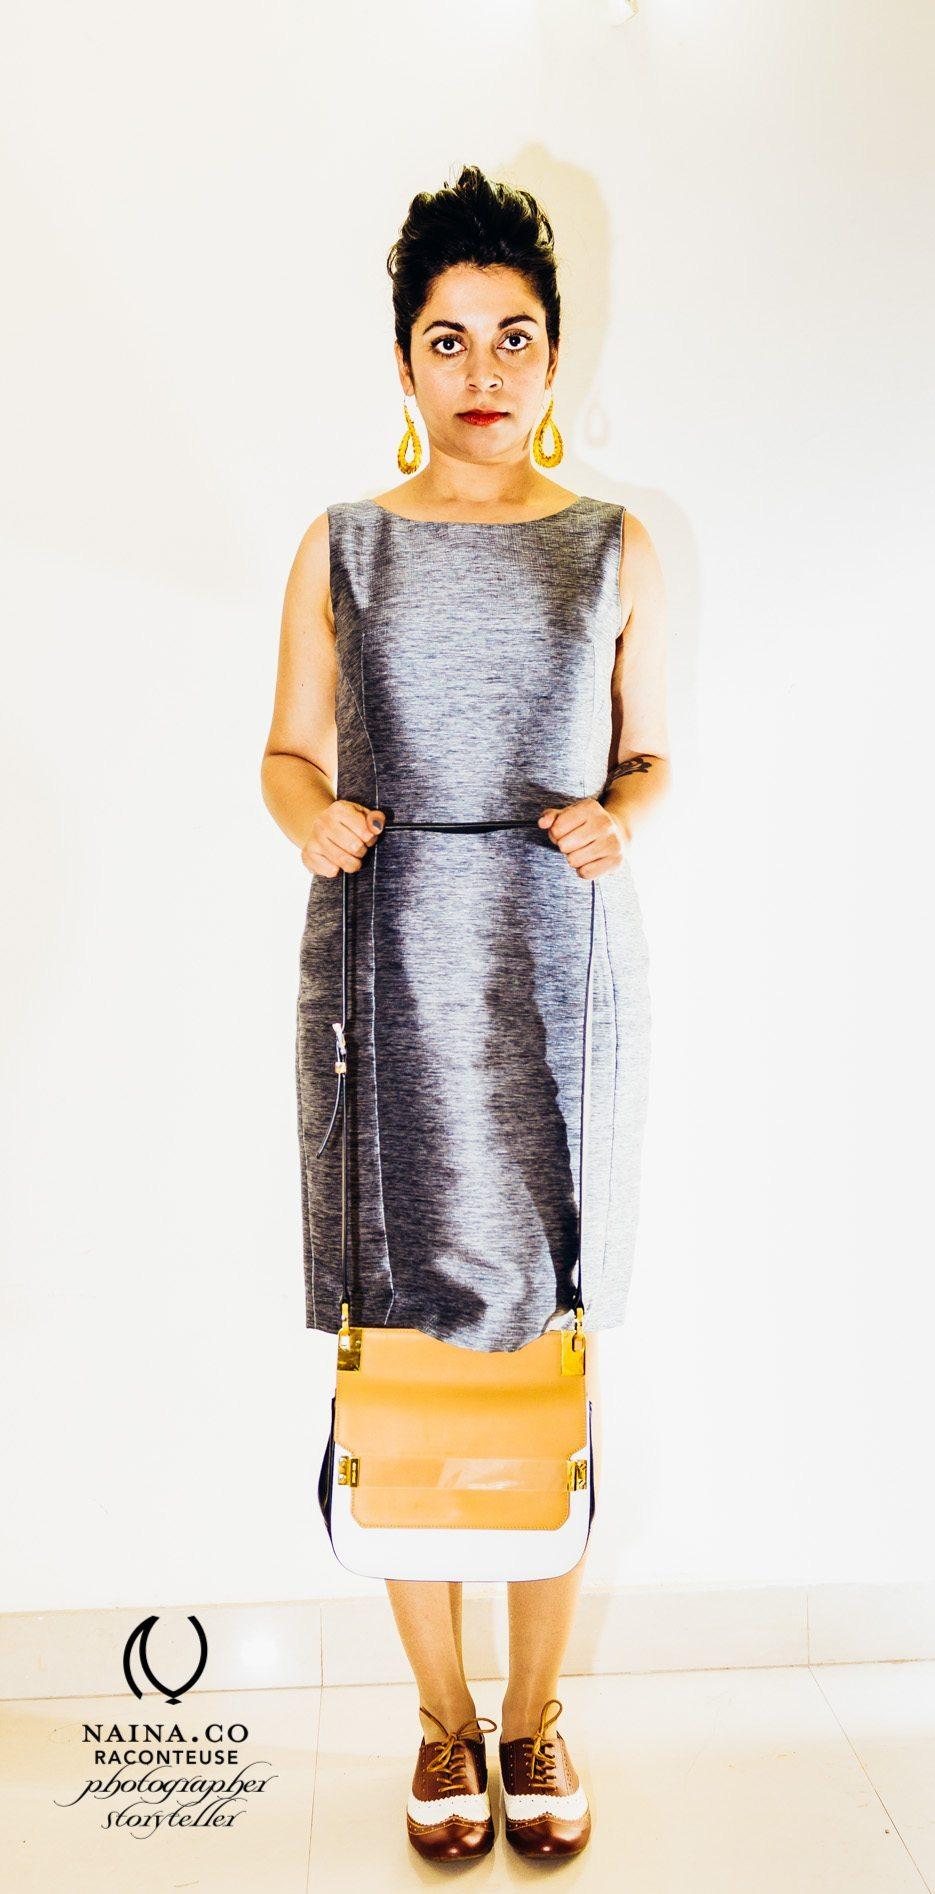 Naina.co-CoverUp-12-Raconteuse-Photographer-Storyteller-Blogger-Fashion-Luxury-Lifestyle